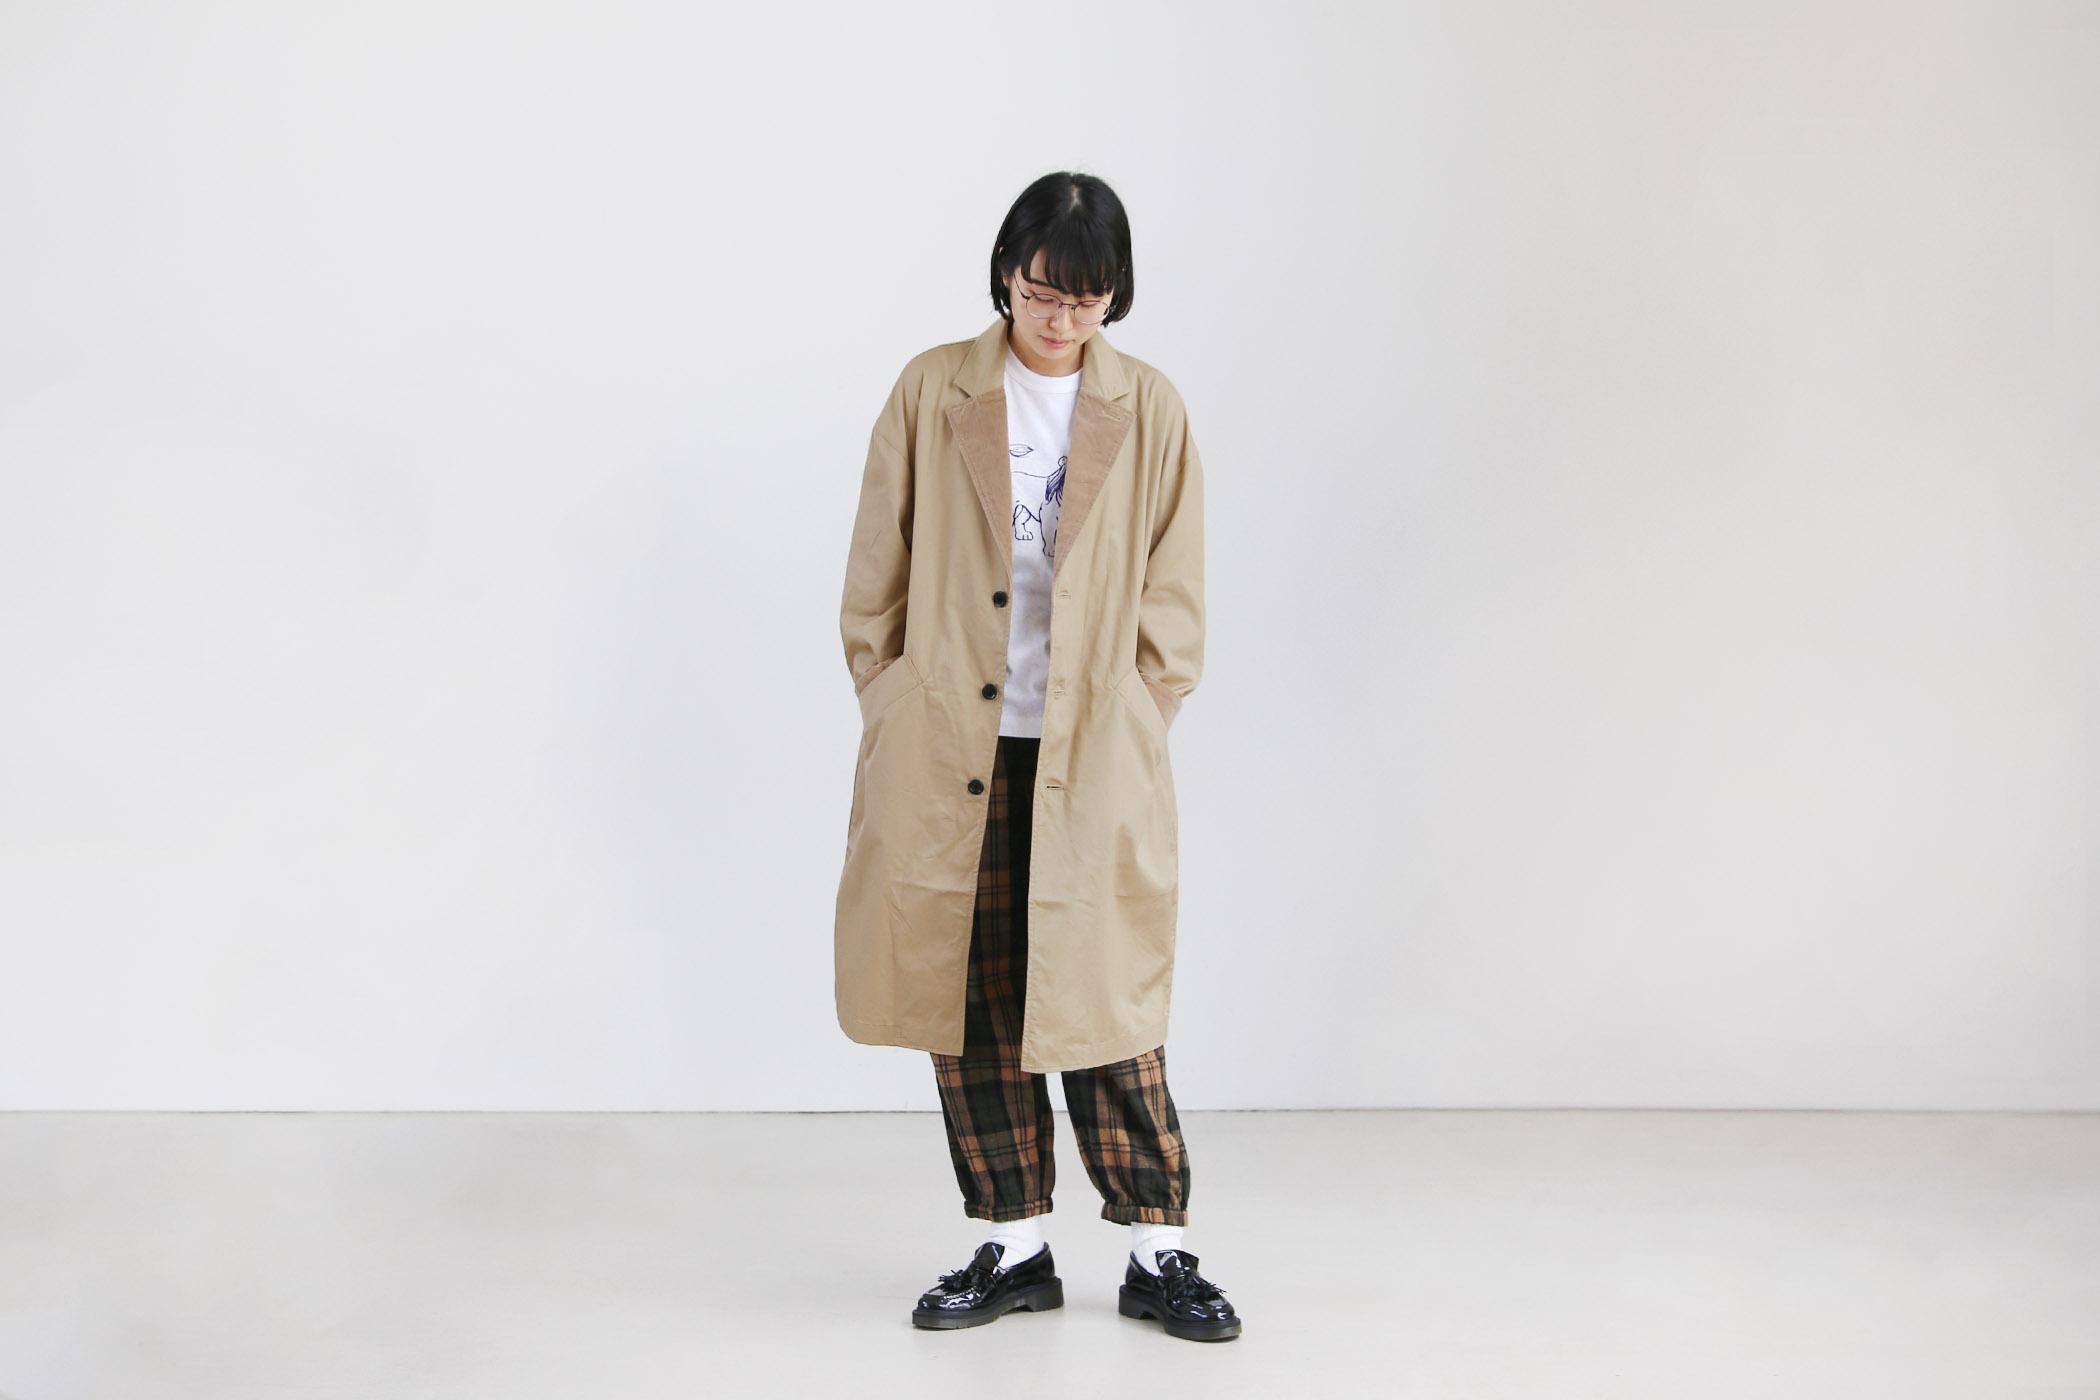 エターミンチェック ジャガーパンツ【全2色】